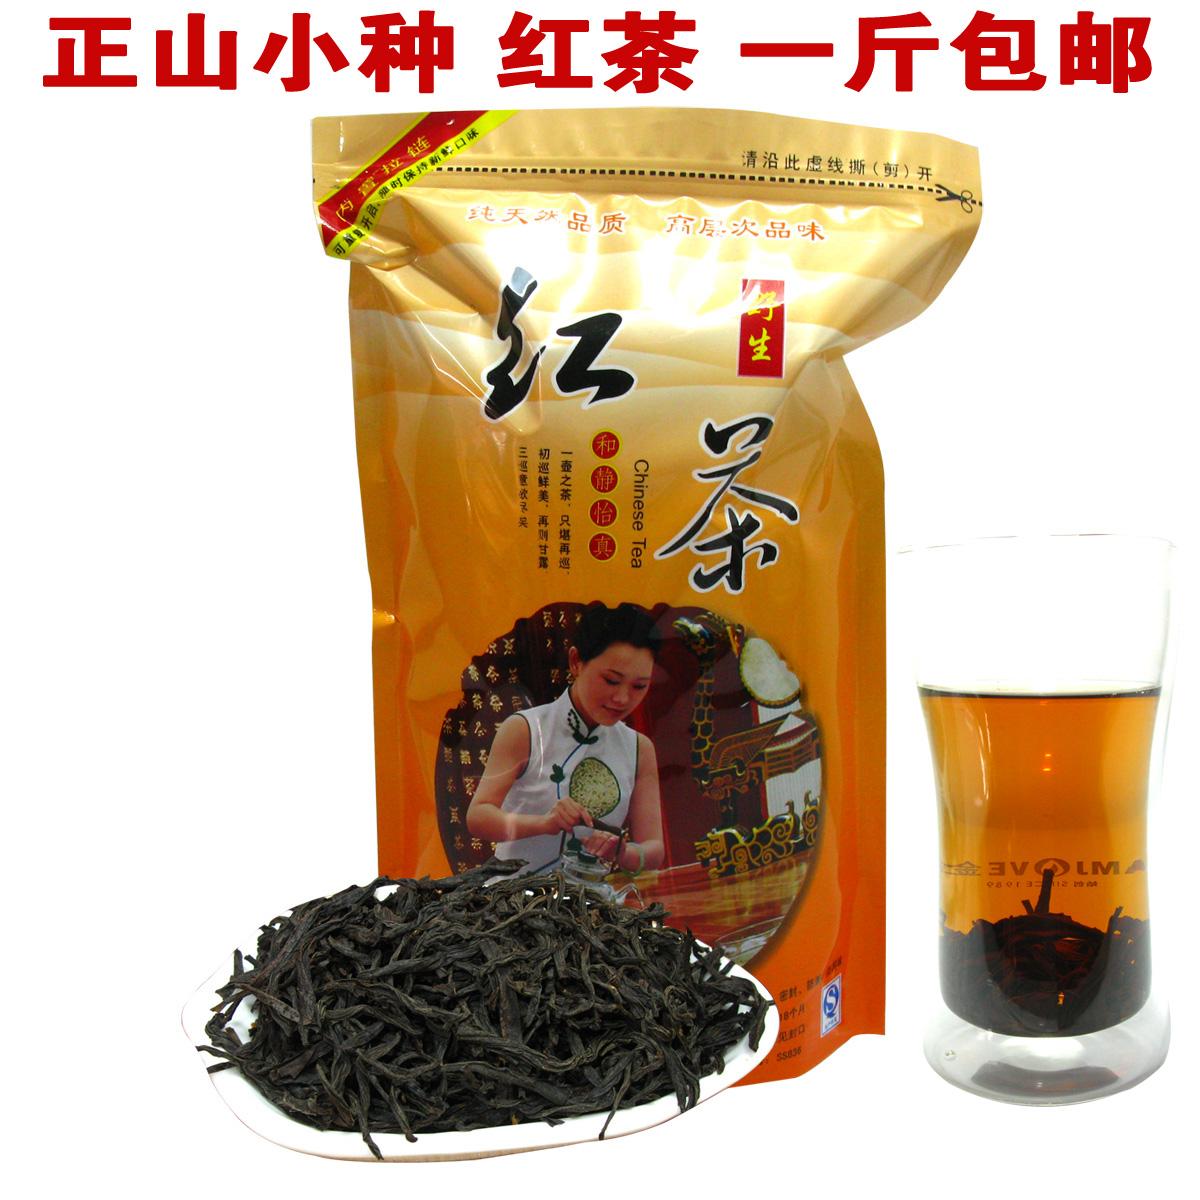 2016 новый чай черный чай чай Wuyi горы гонок Цзинь Jun Mei Super пакеты 500g в объемной почты